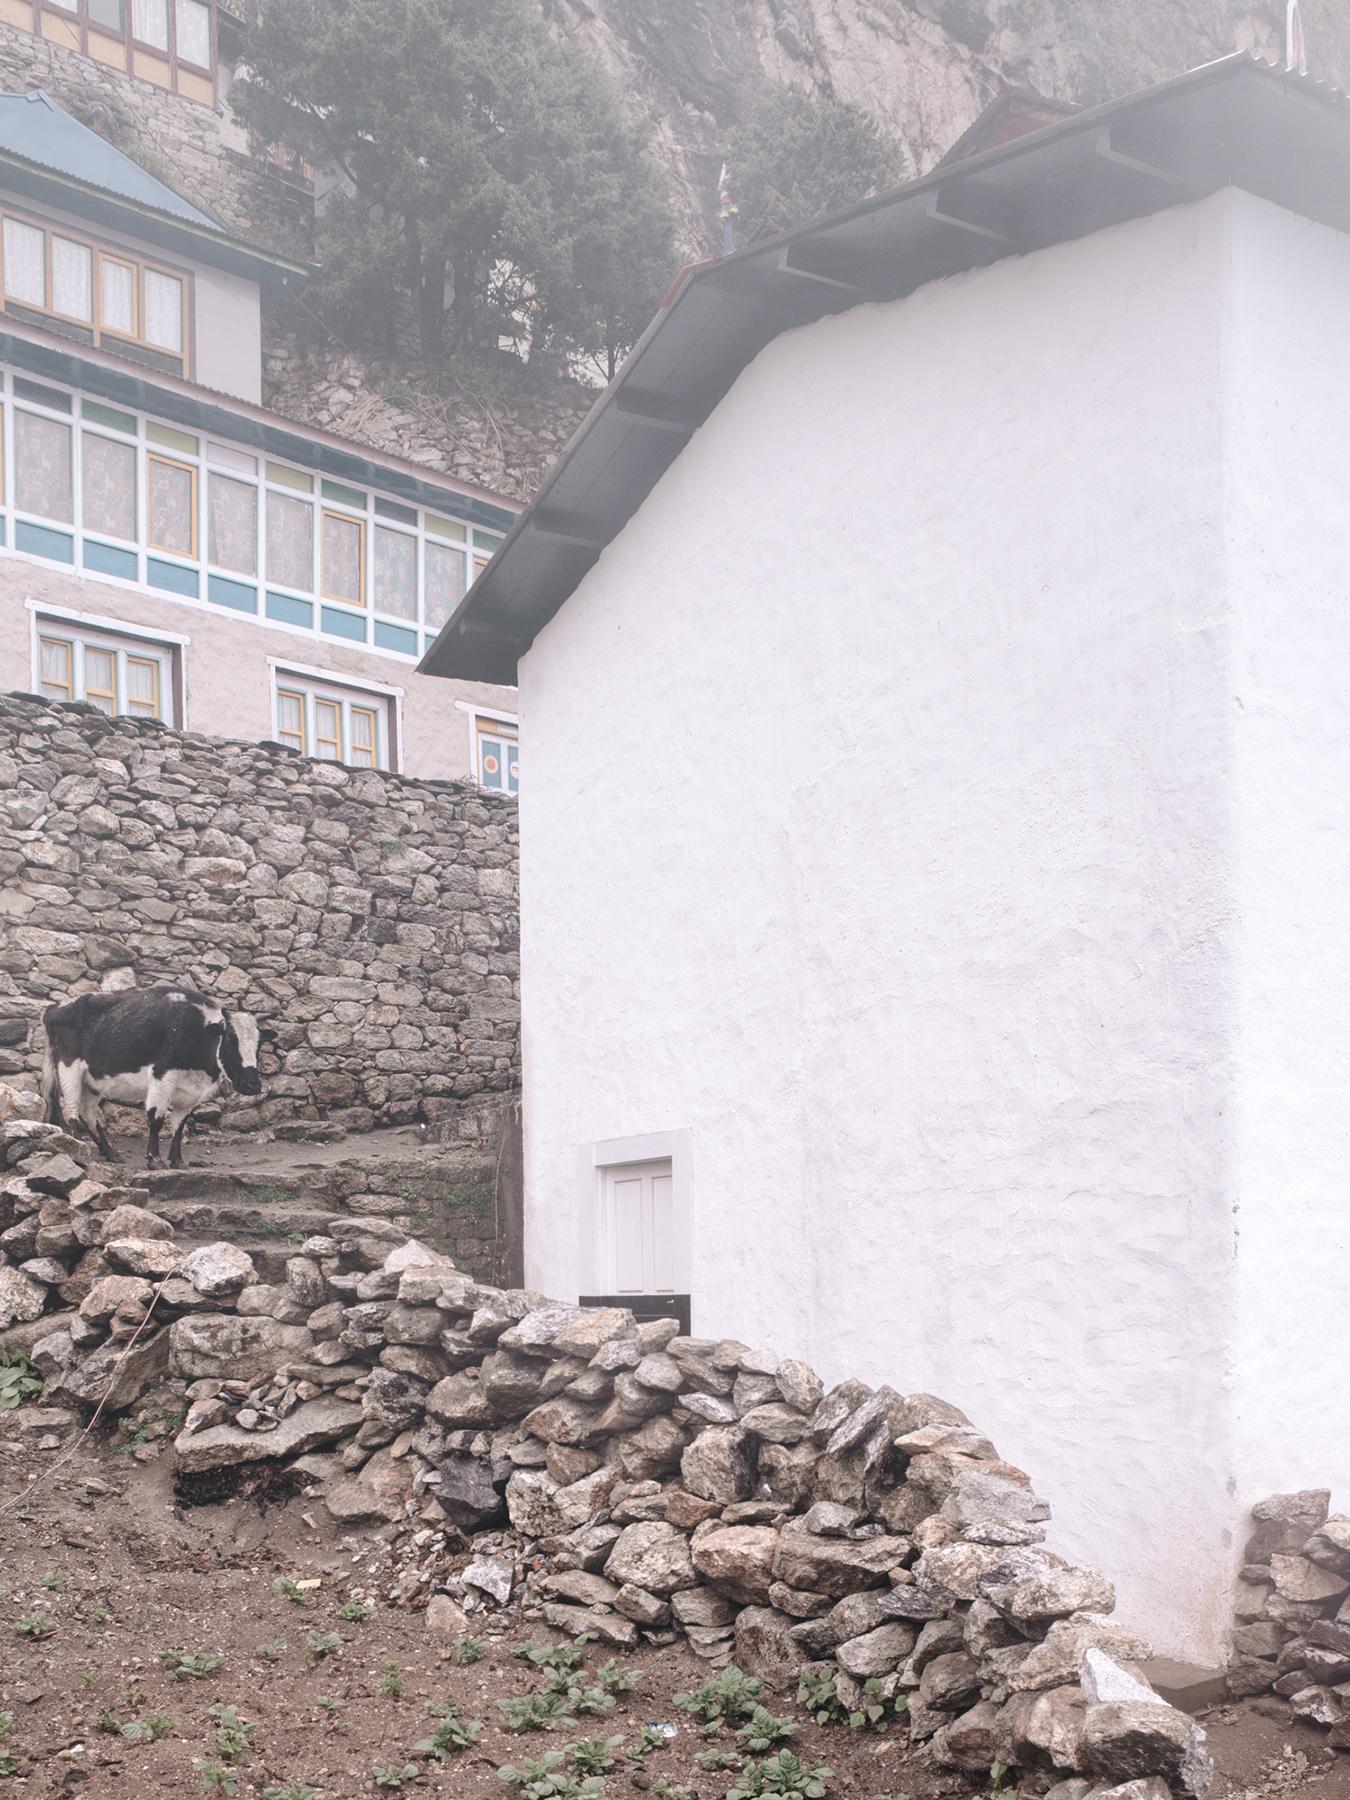 100 Nepal Thame Monks Residence Simone Bossi 117